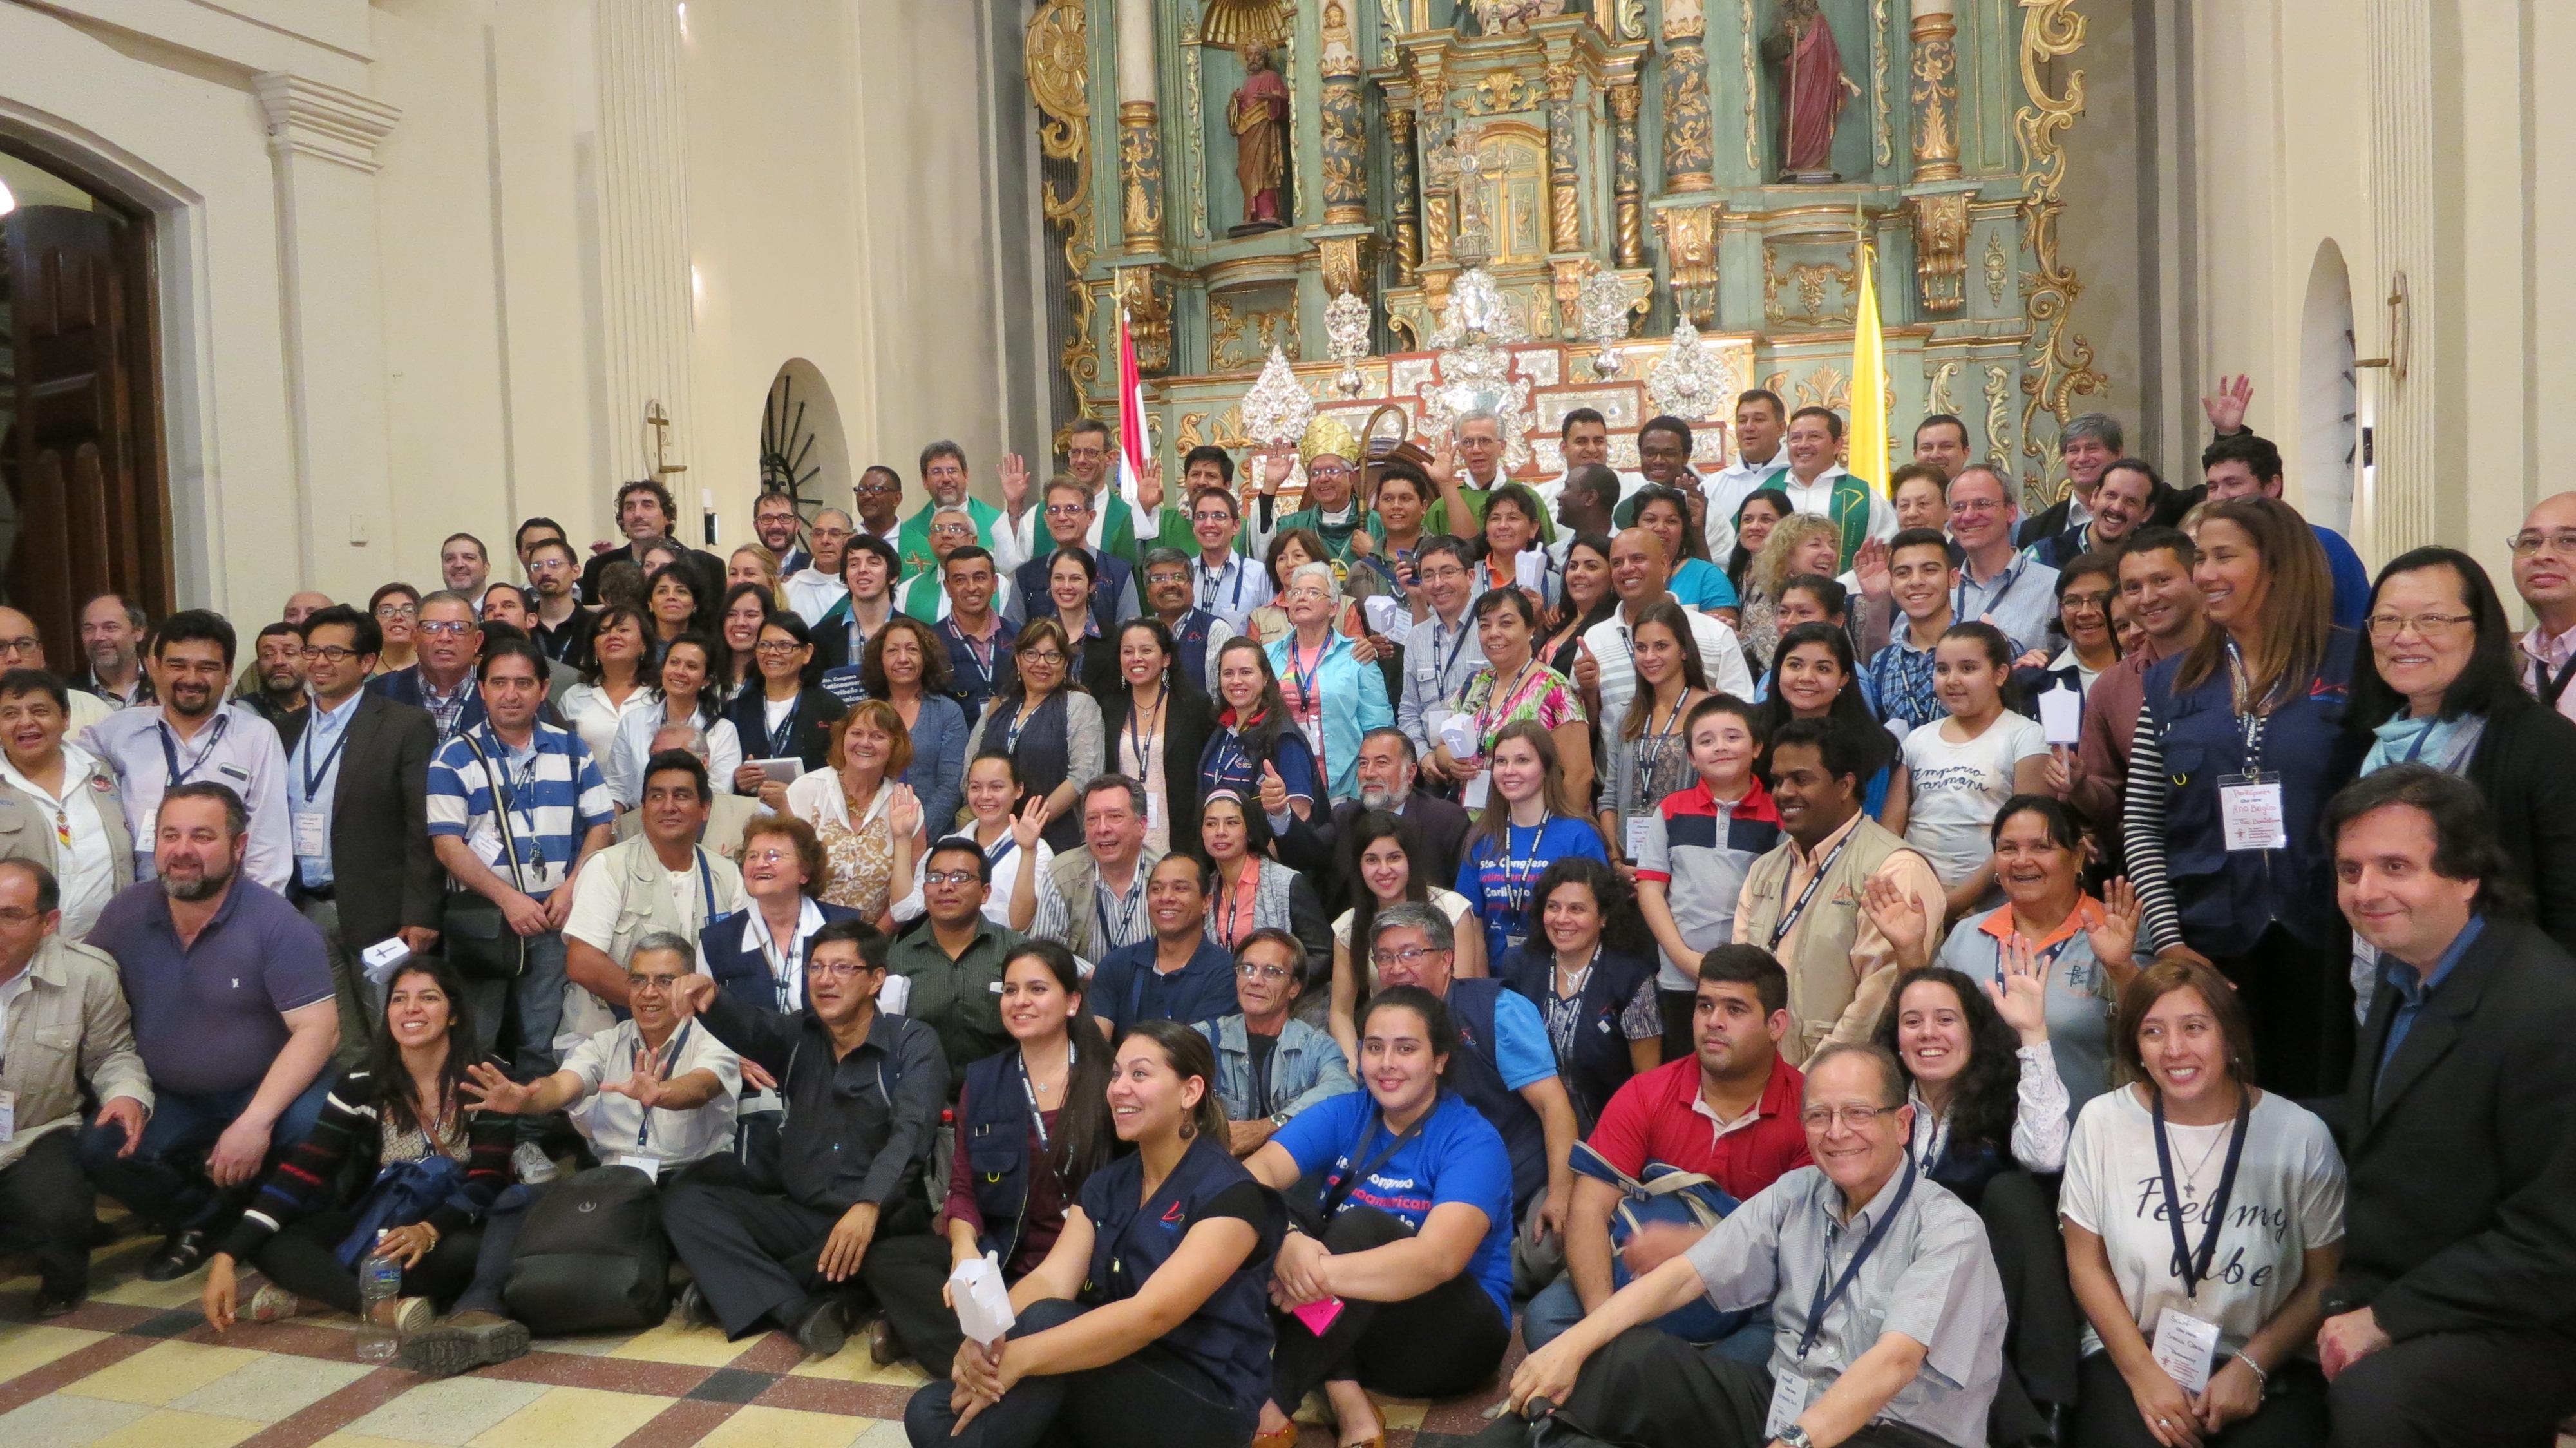 Los participantes al Congreso de comunicadores que se realizó en Paraguay